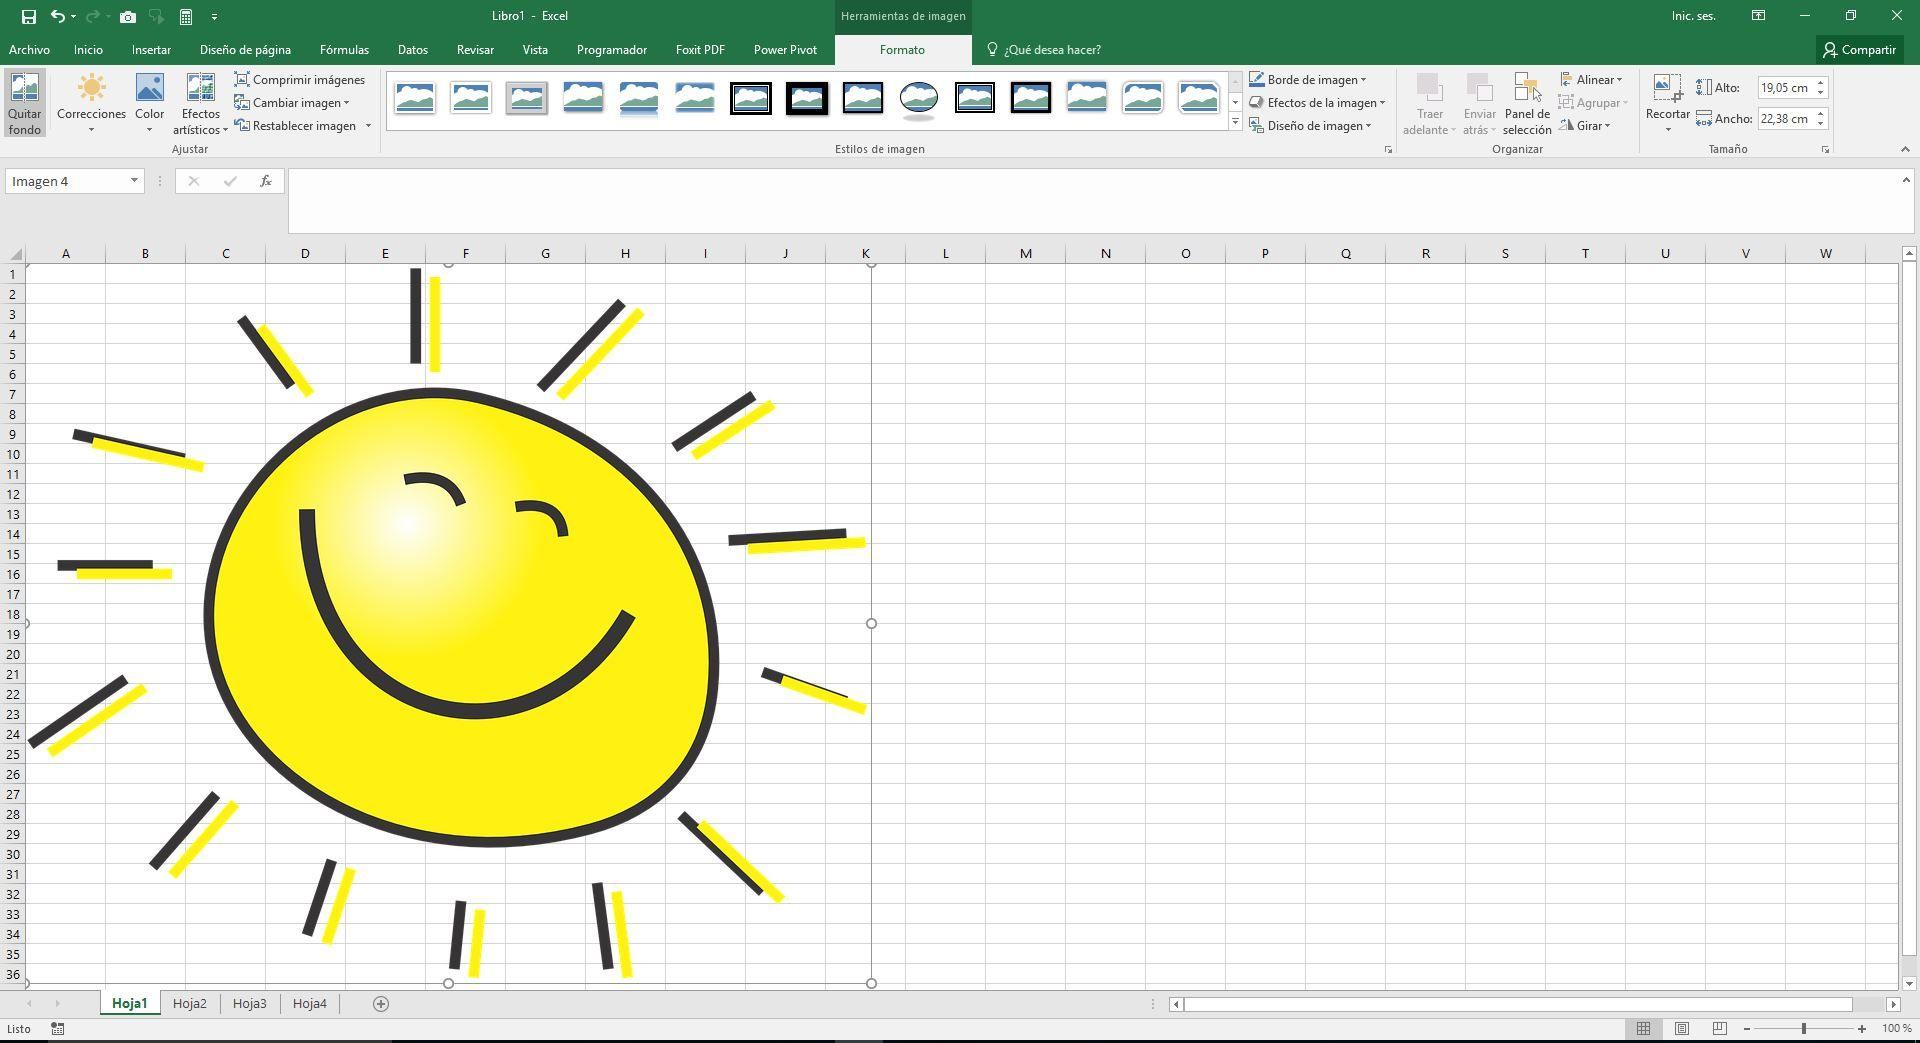 Anadir Una Imagen A Excel